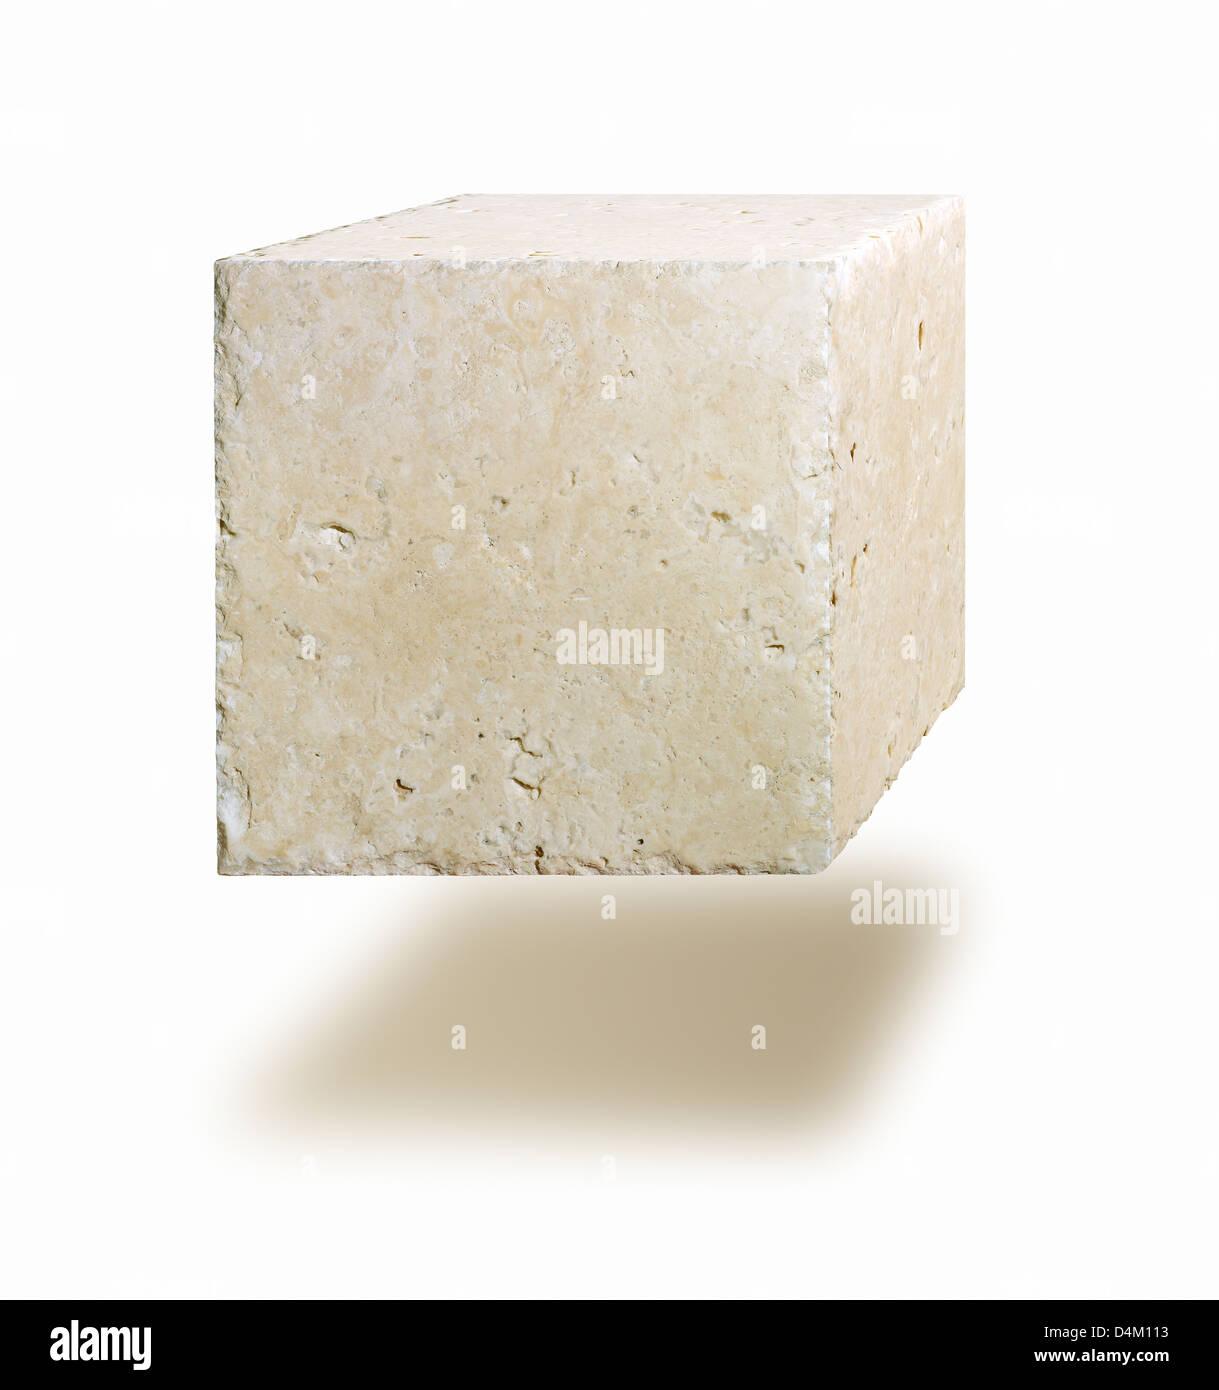 En cube flottant dans l'air contre fond blanc Photo Stock